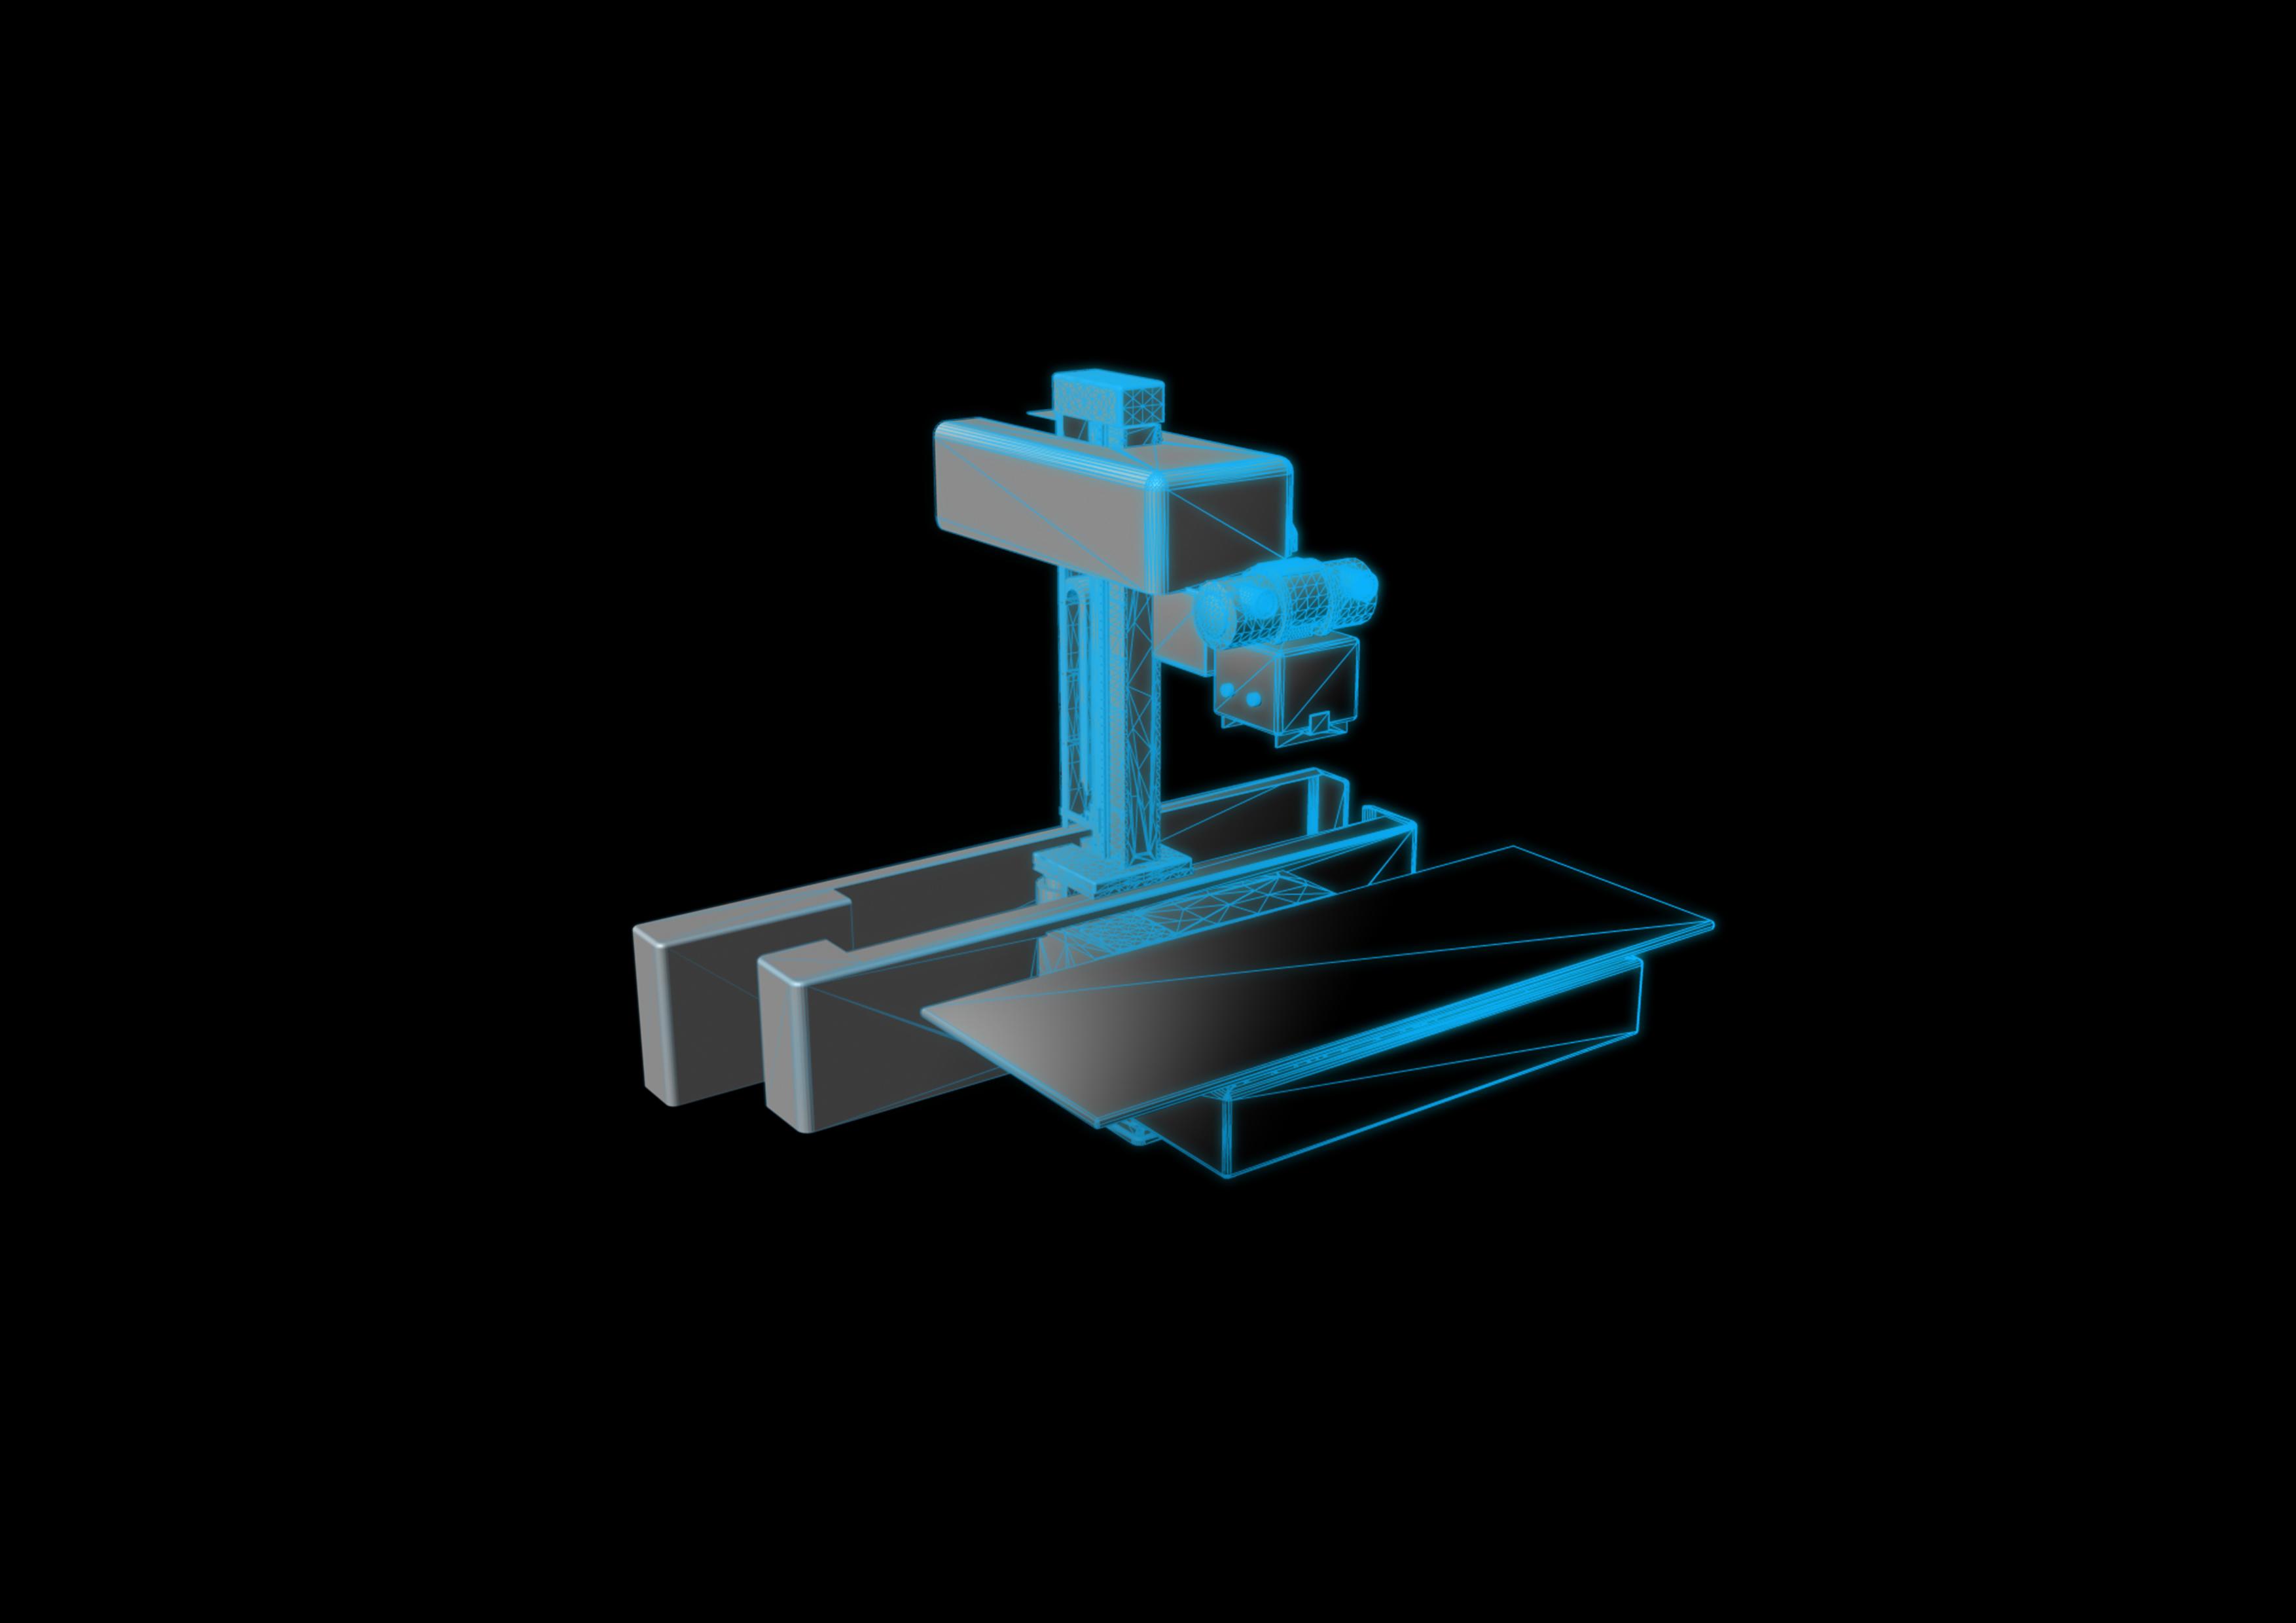 Taiwan TomoDR可進行躺姿二維、三維造影,造影體驗與一般數位平面X光機相同。